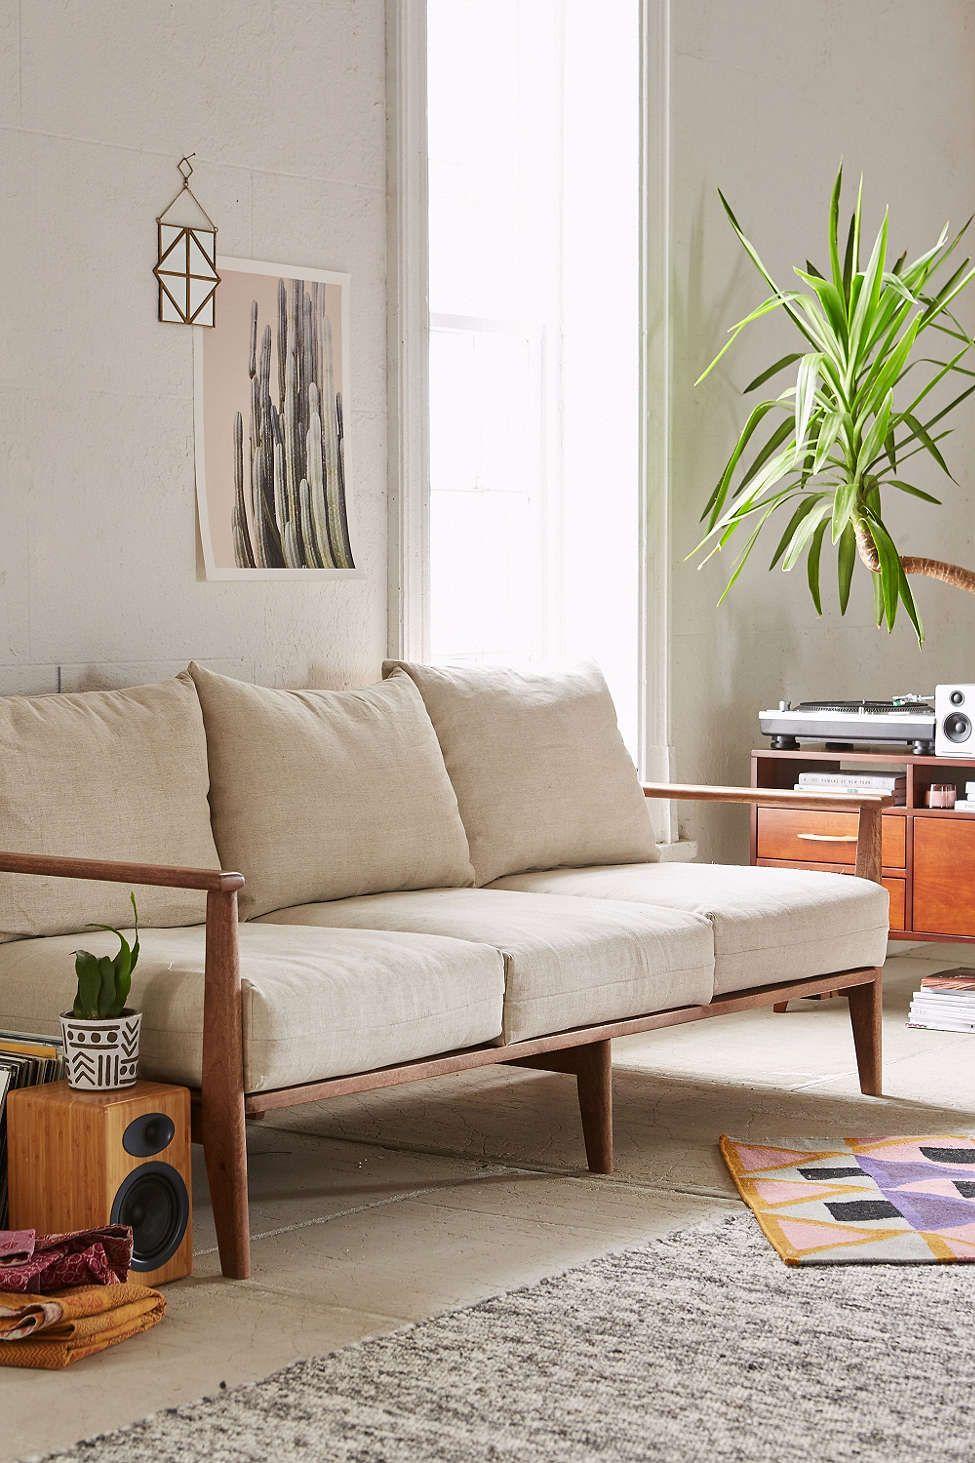 paxton sofa urban outfitters haus garten deko pinterest wohnzimmer wohnen und zuhause. Black Bedroom Furniture Sets. Home Design Ideas